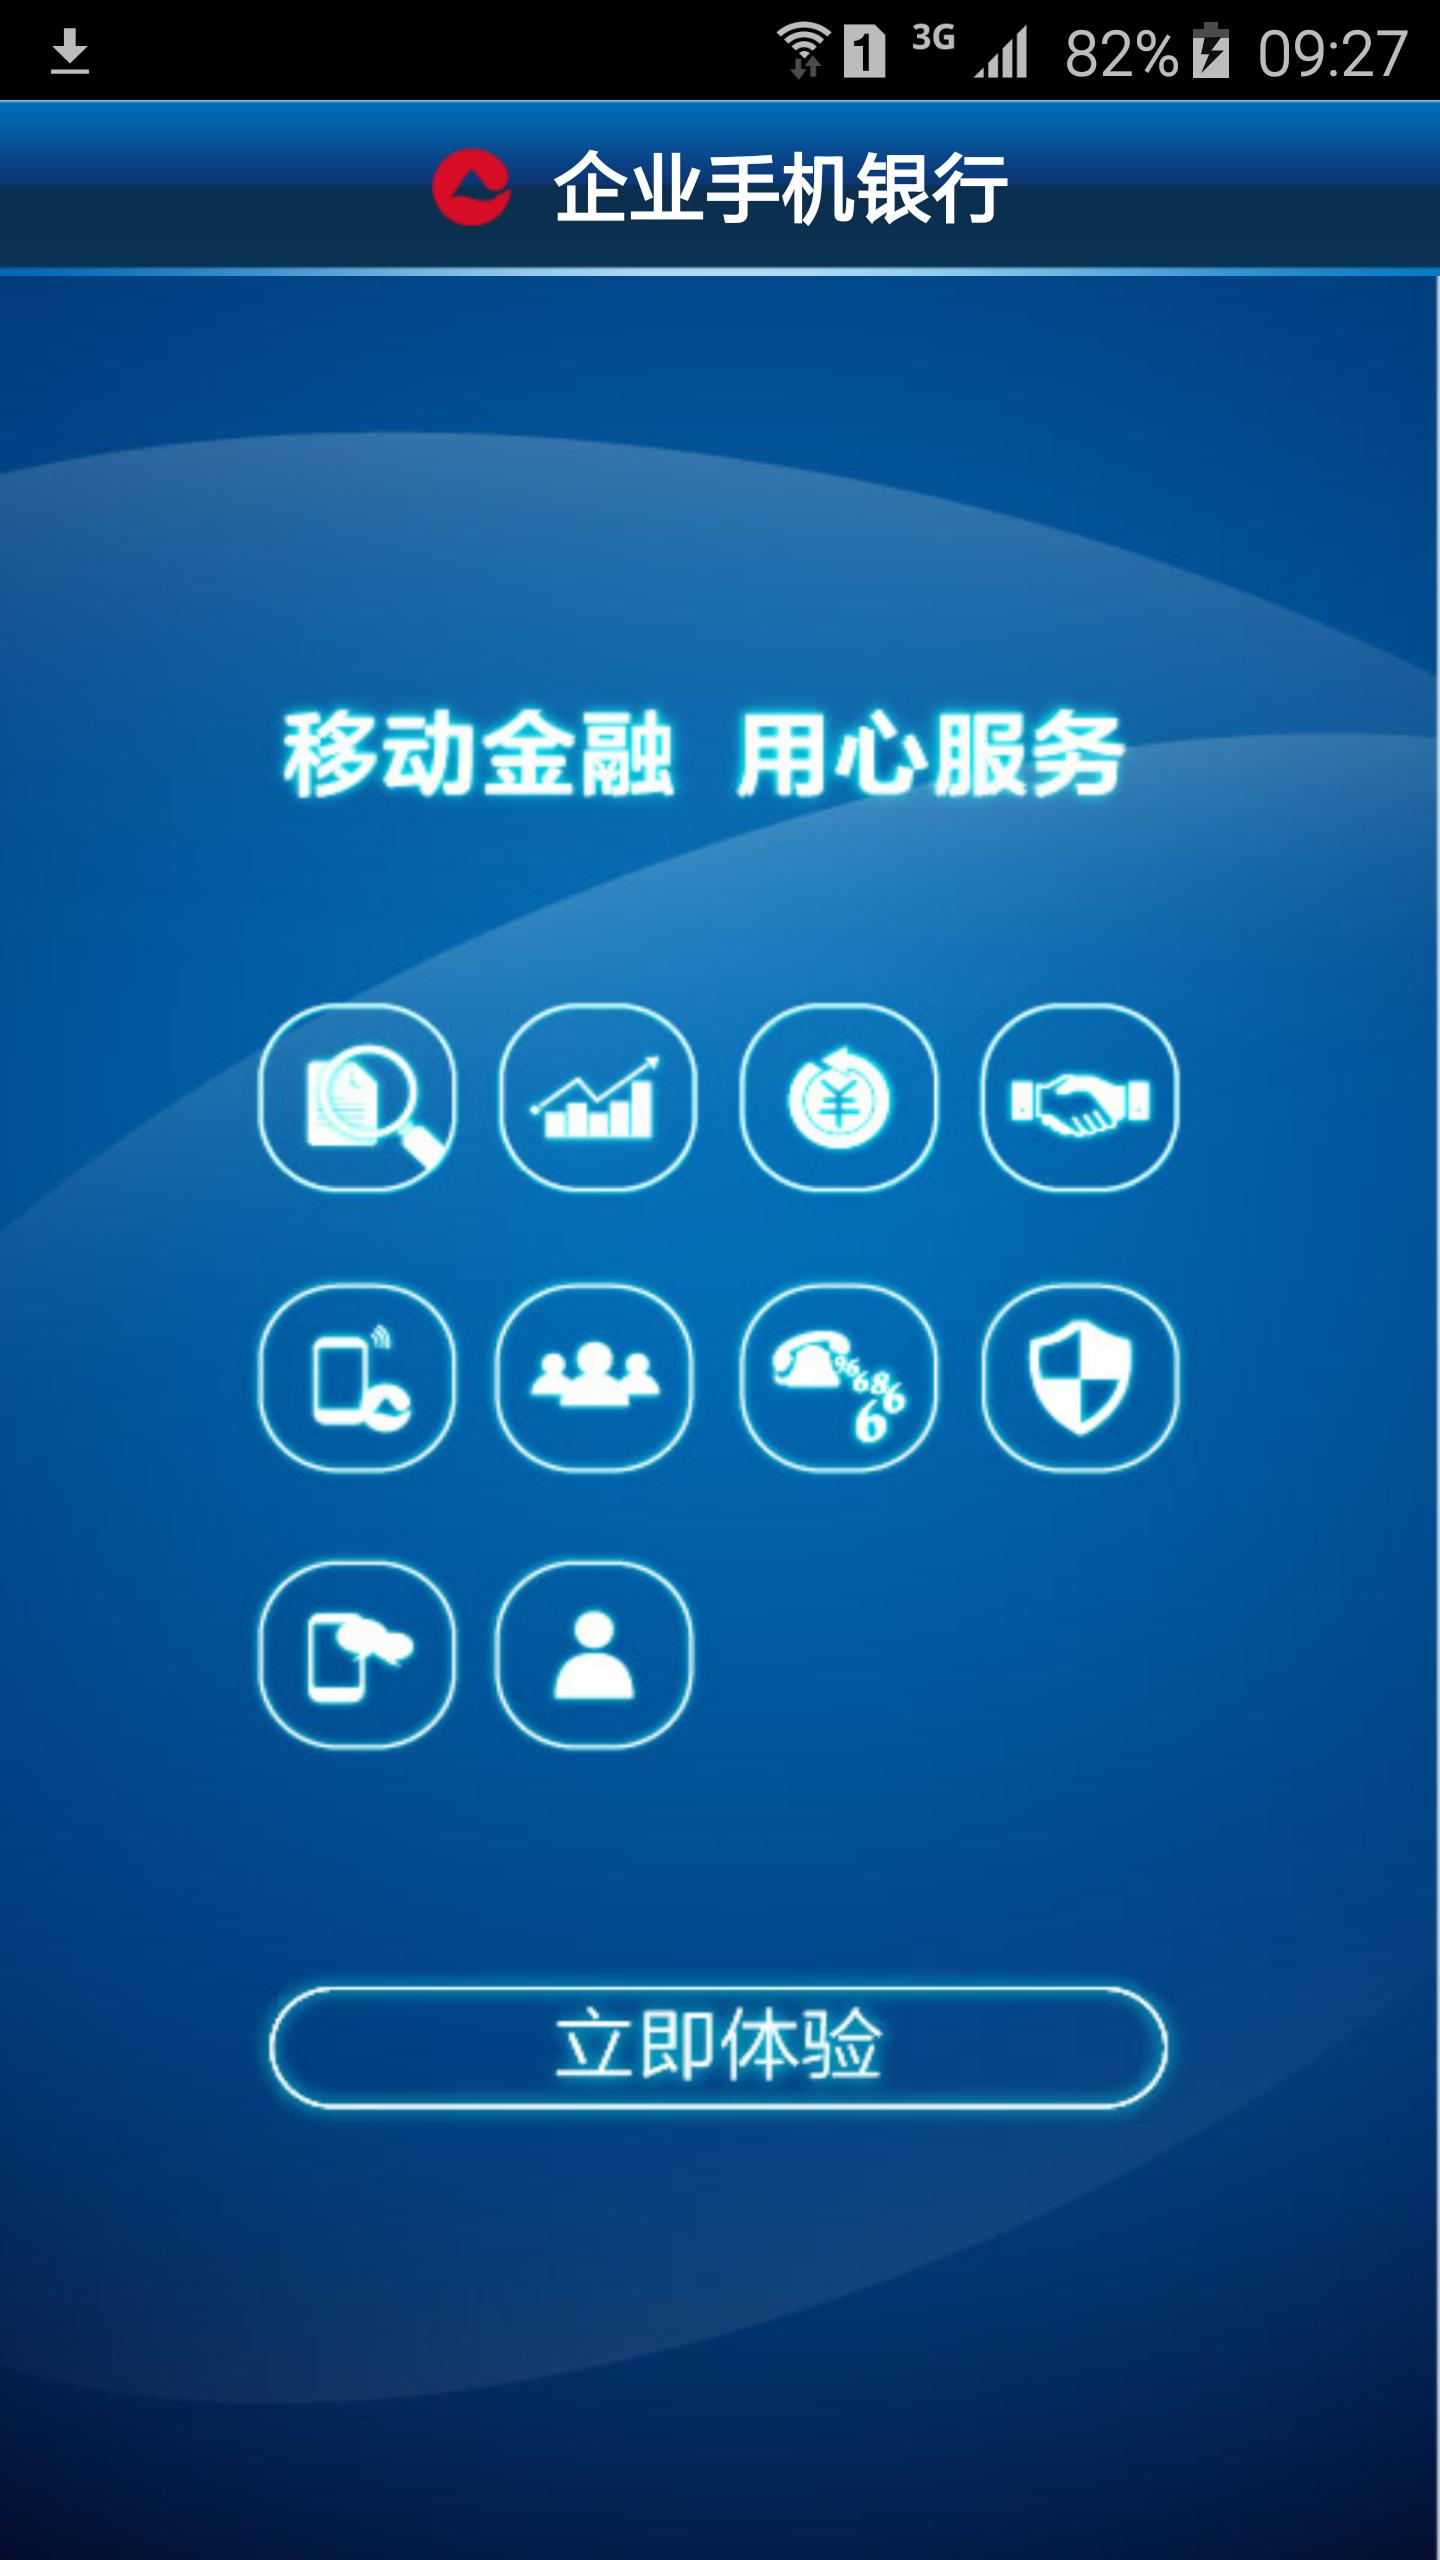 重庆农商行企业银行